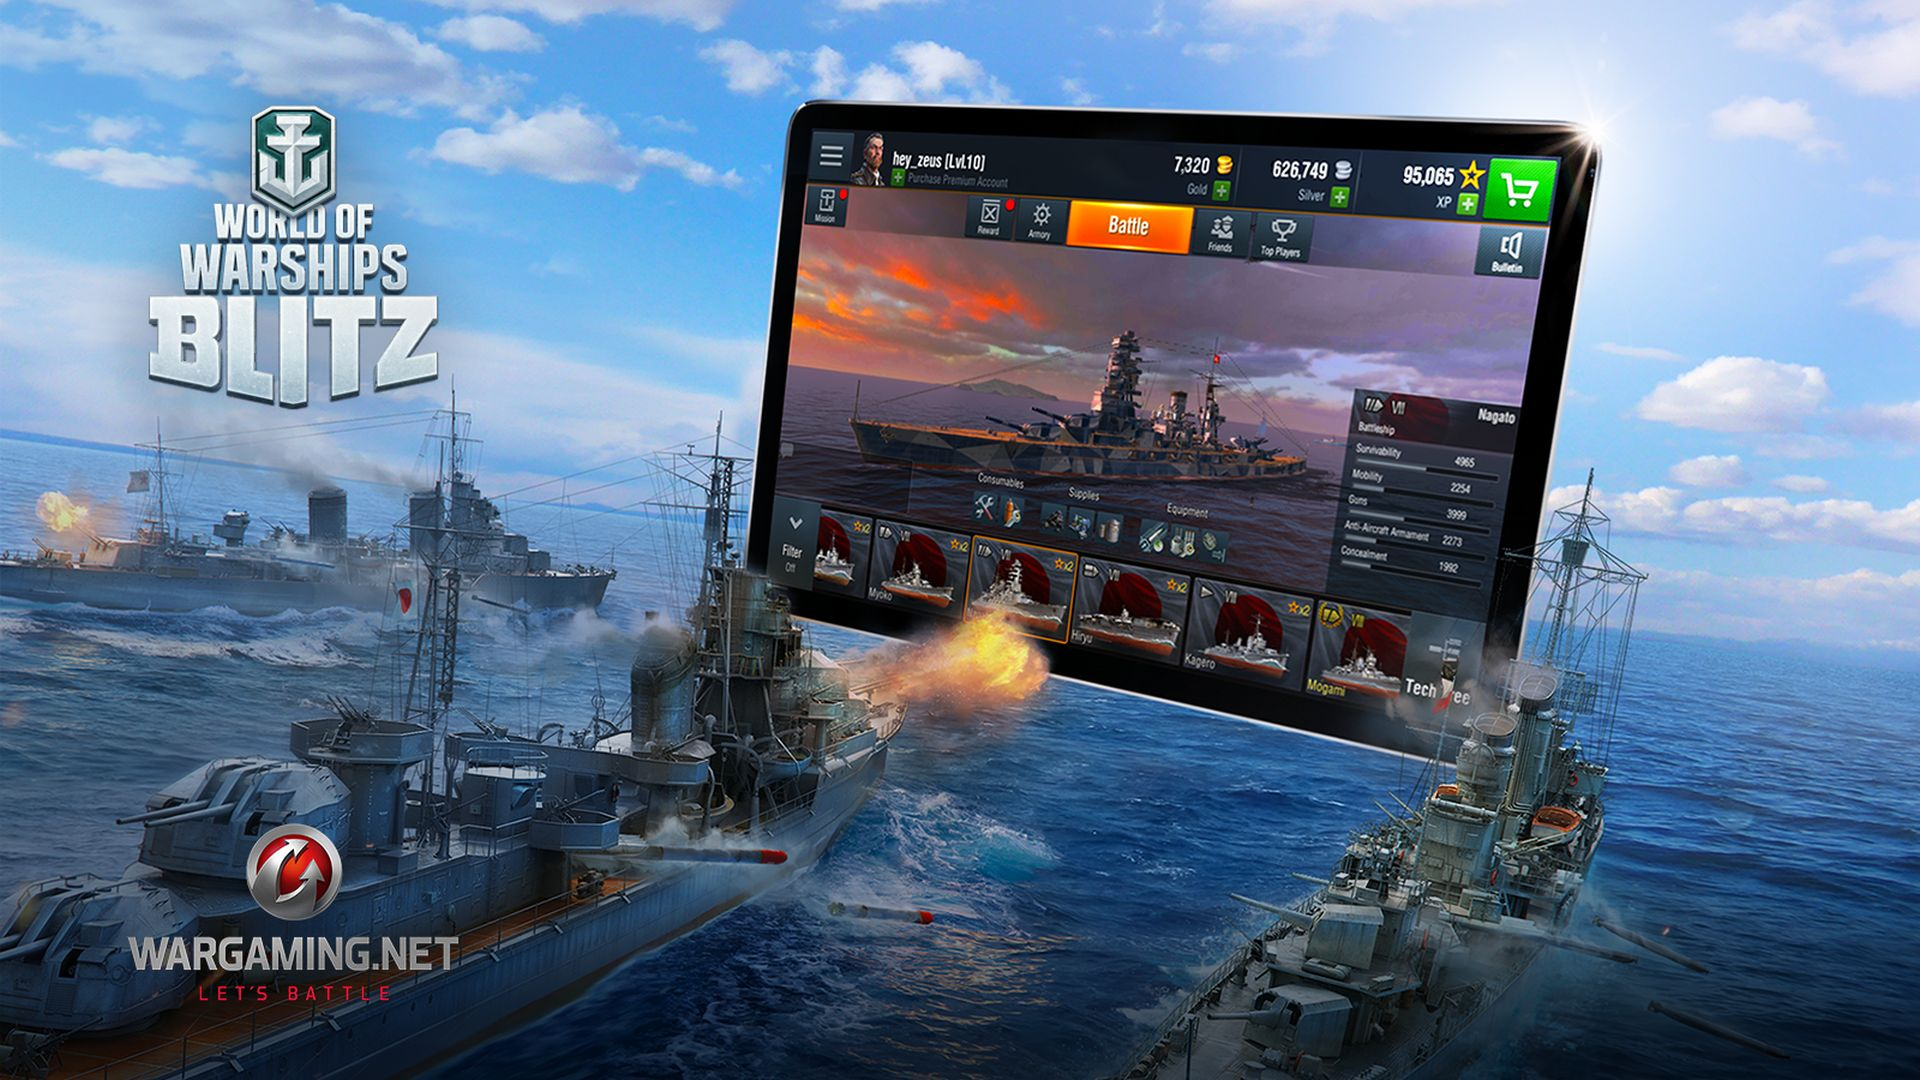 Das Schiffs-MMO World of Warships gibt's jetzt auch als Mobile-Game